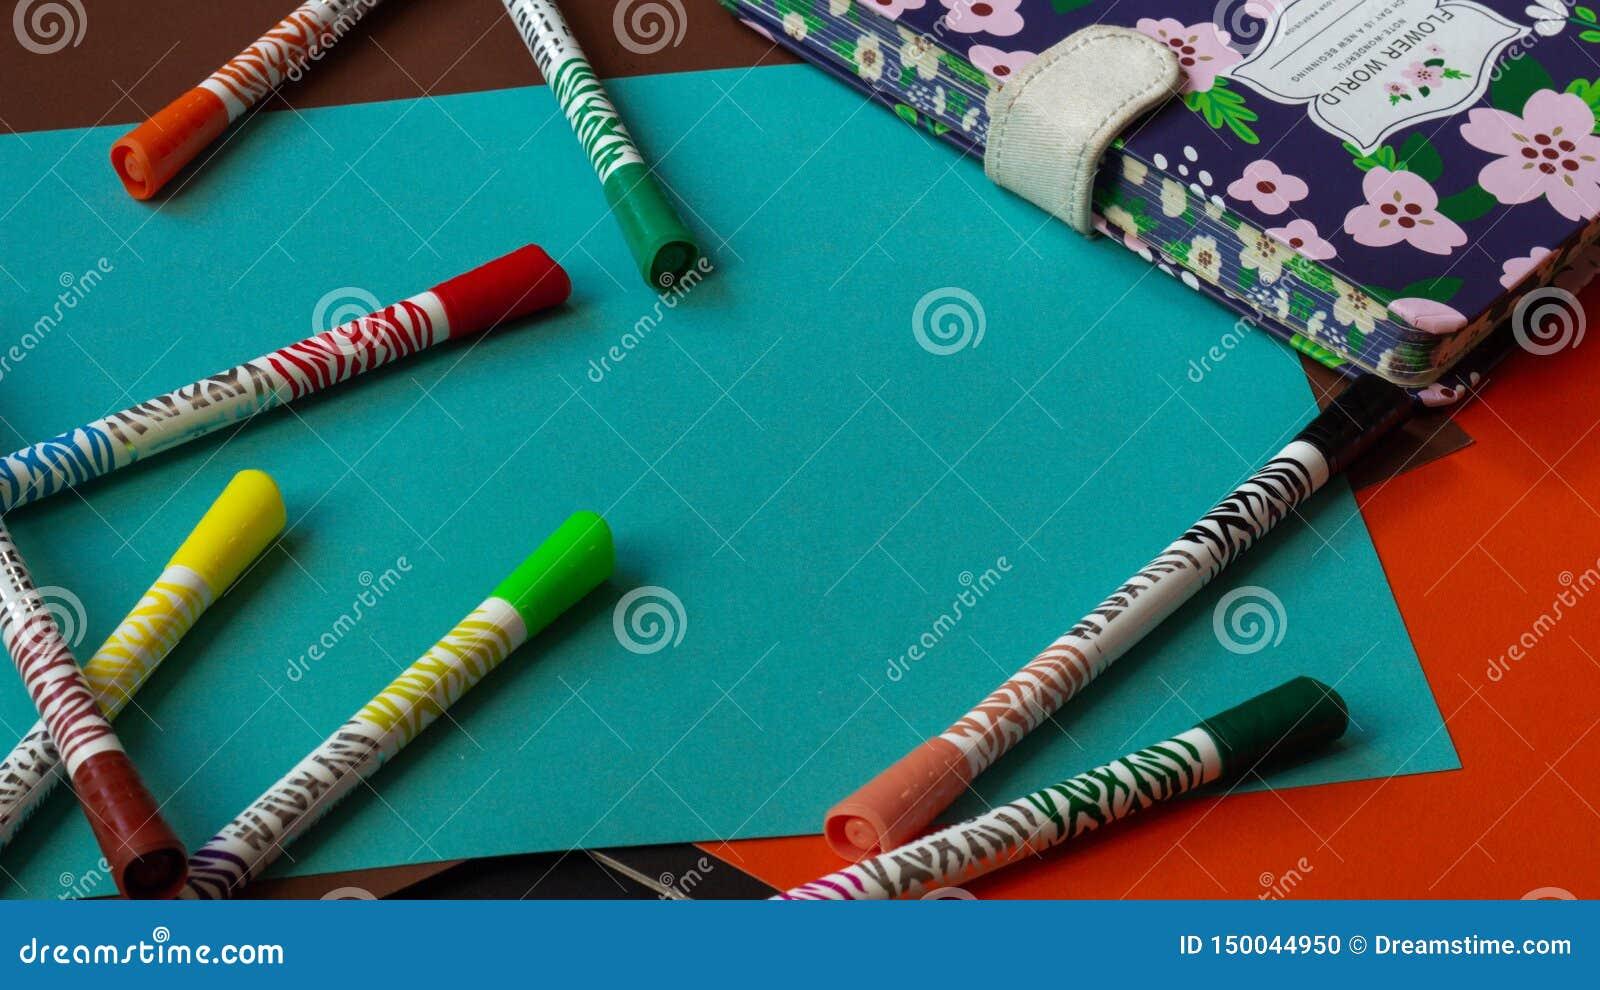 Пестротканые ручки войлок-подсказки лежат на красочном ярком картоне рядом с блокнотом